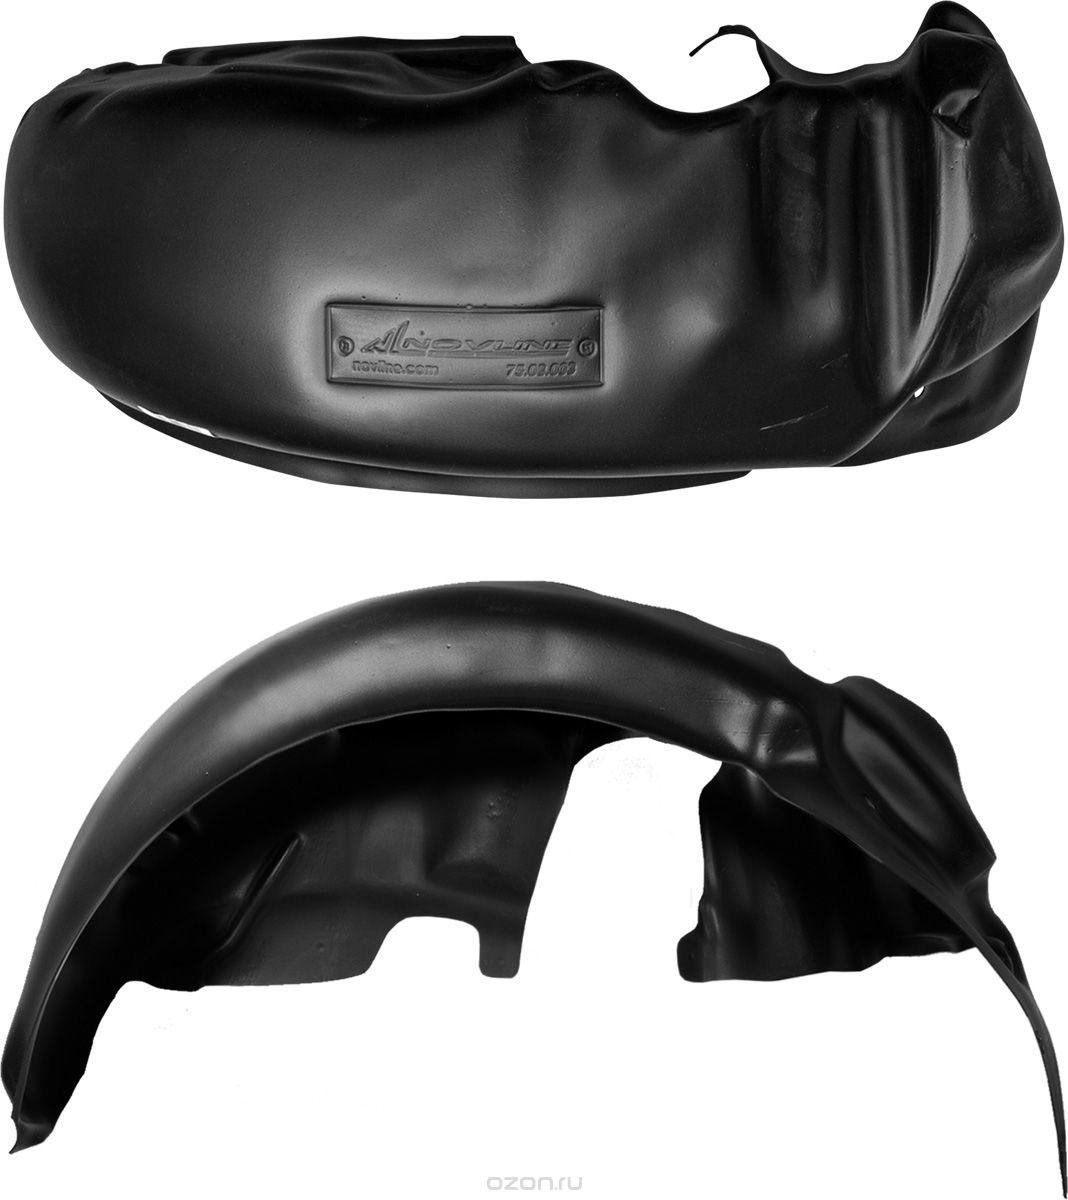 Подкрылок Novline-Autofamily, для Kia Rio III, 2005-2010, 2010-2011, передний левыйNLL.25.02.001Идеальная защита колесной ниши. Локеры разработаны с применением цифровых технологий, гарантируют максимальную повторяемость поверхности арки. Изделия устанавливаются без нарушения лакокрасочного покрытия автомобиля, каждый подкрылок комплектуется крепежом. Уважаемые клиенты, обращаем ваше внимание, что фотографии на подкрылки универсальные и не отражают реальную форму изделия. При этом само изделие идет точно под размер указанного автомобиля.